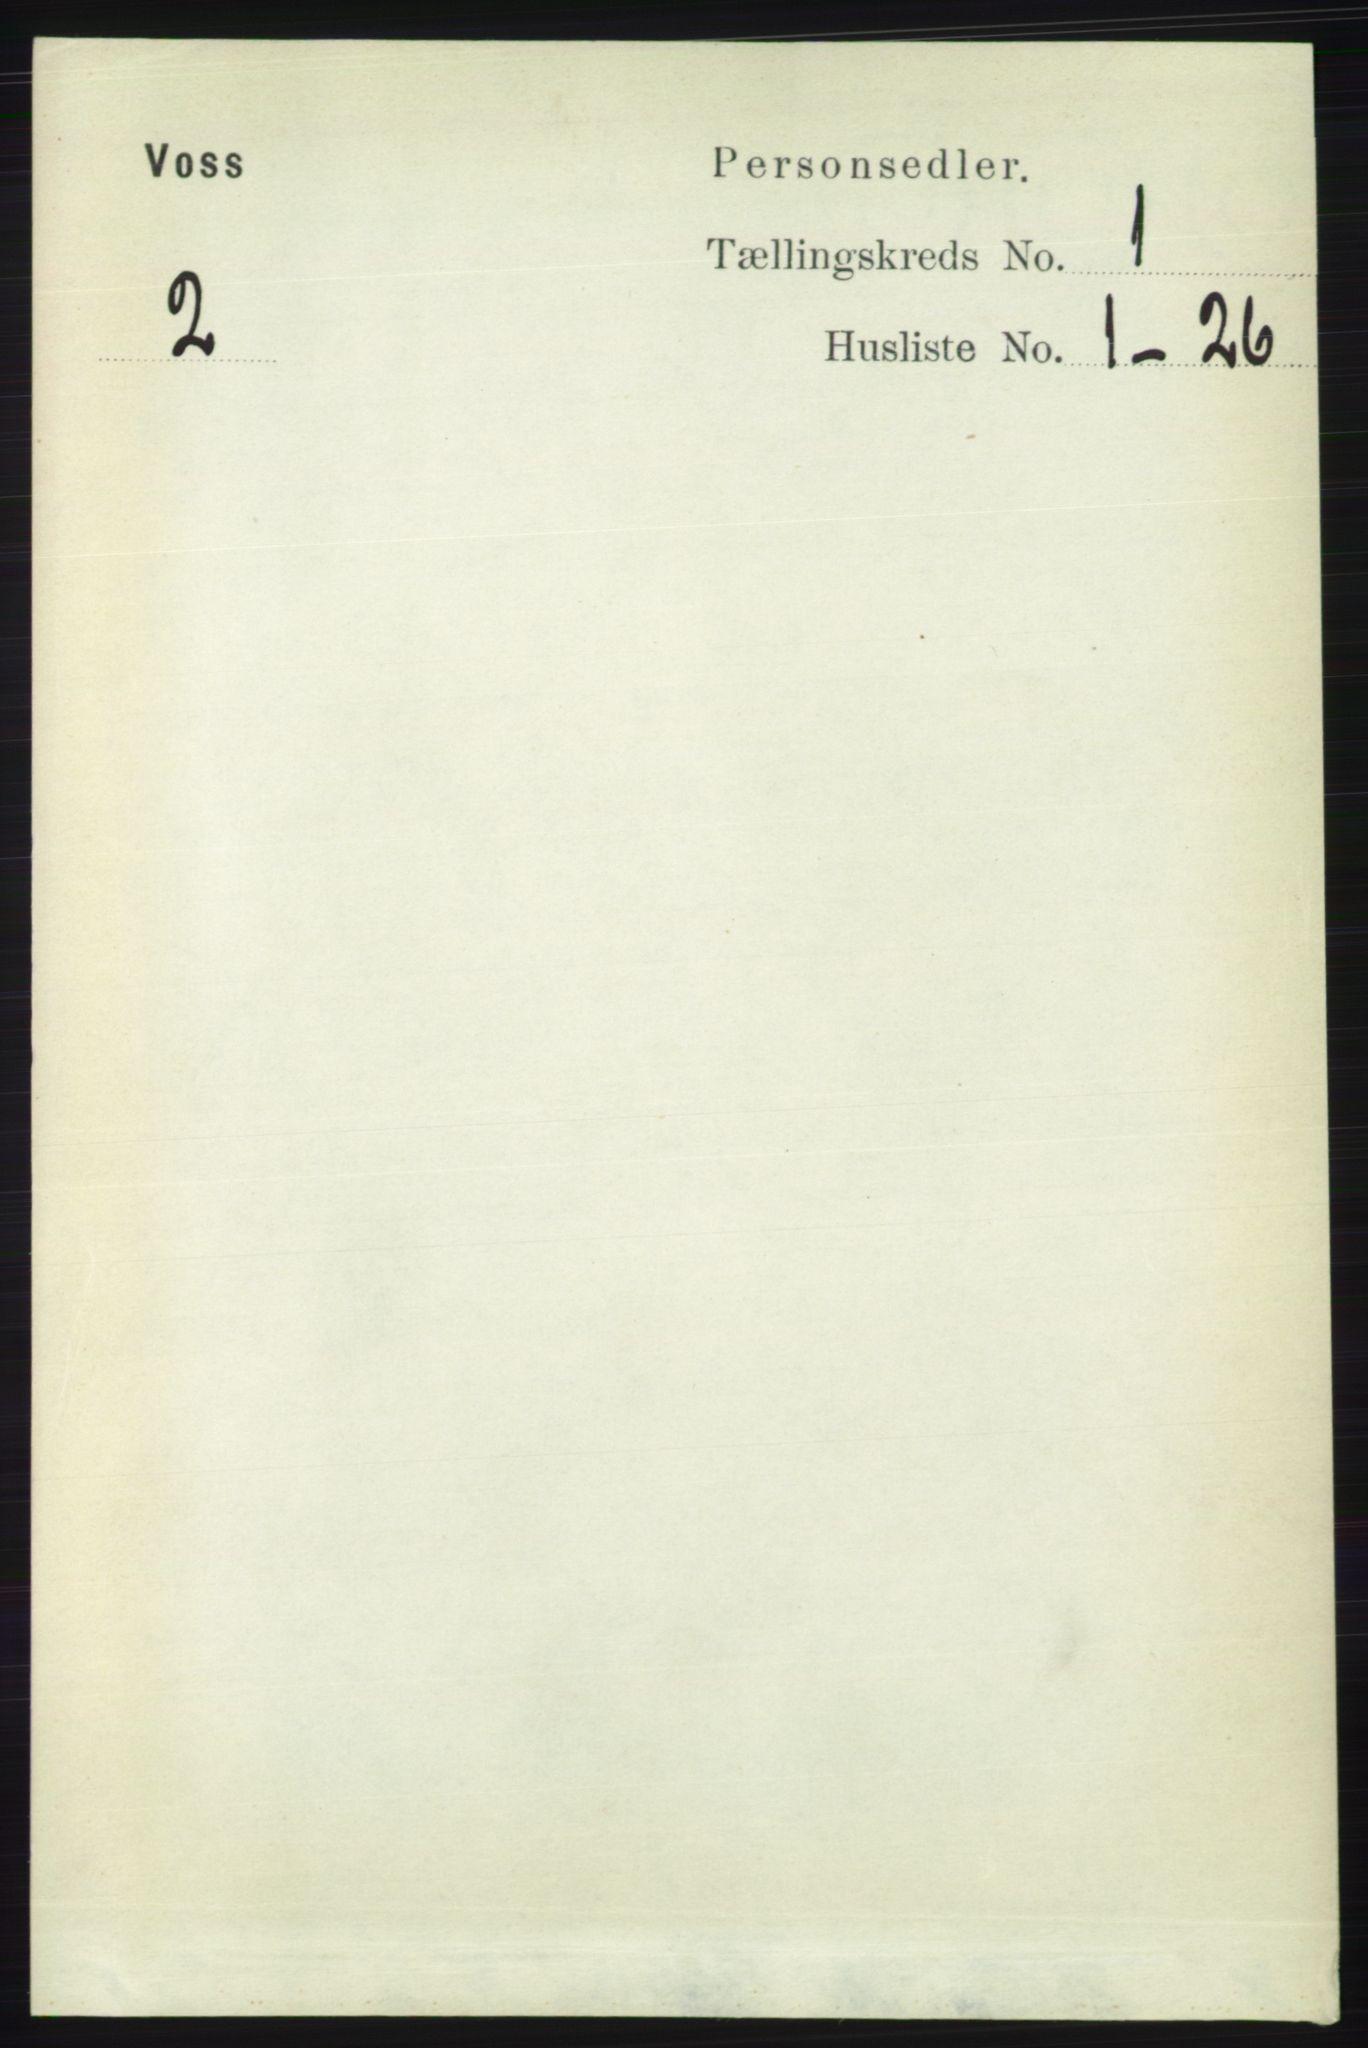 RA, Folketelling 1891 for 1235 Voss herred, 1891, s. 103